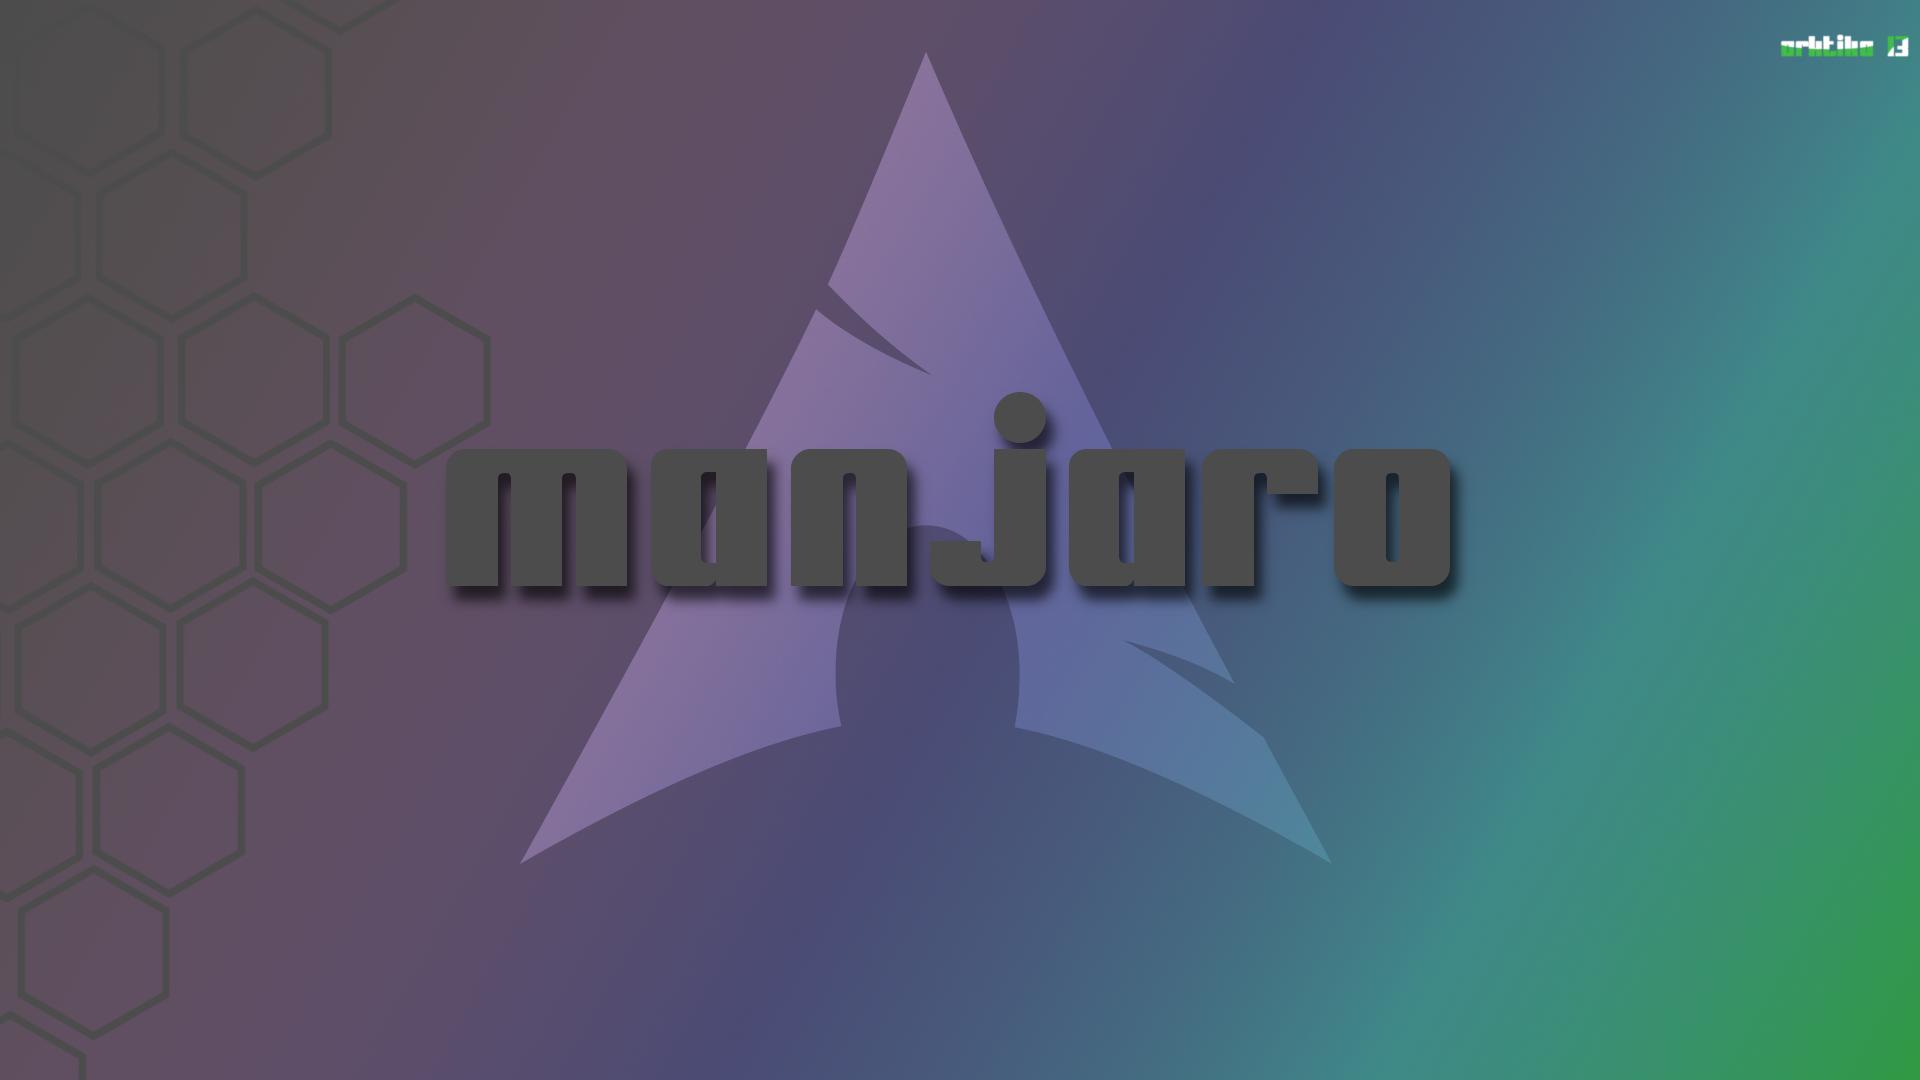 Manjaro Wallpaper by arktika13